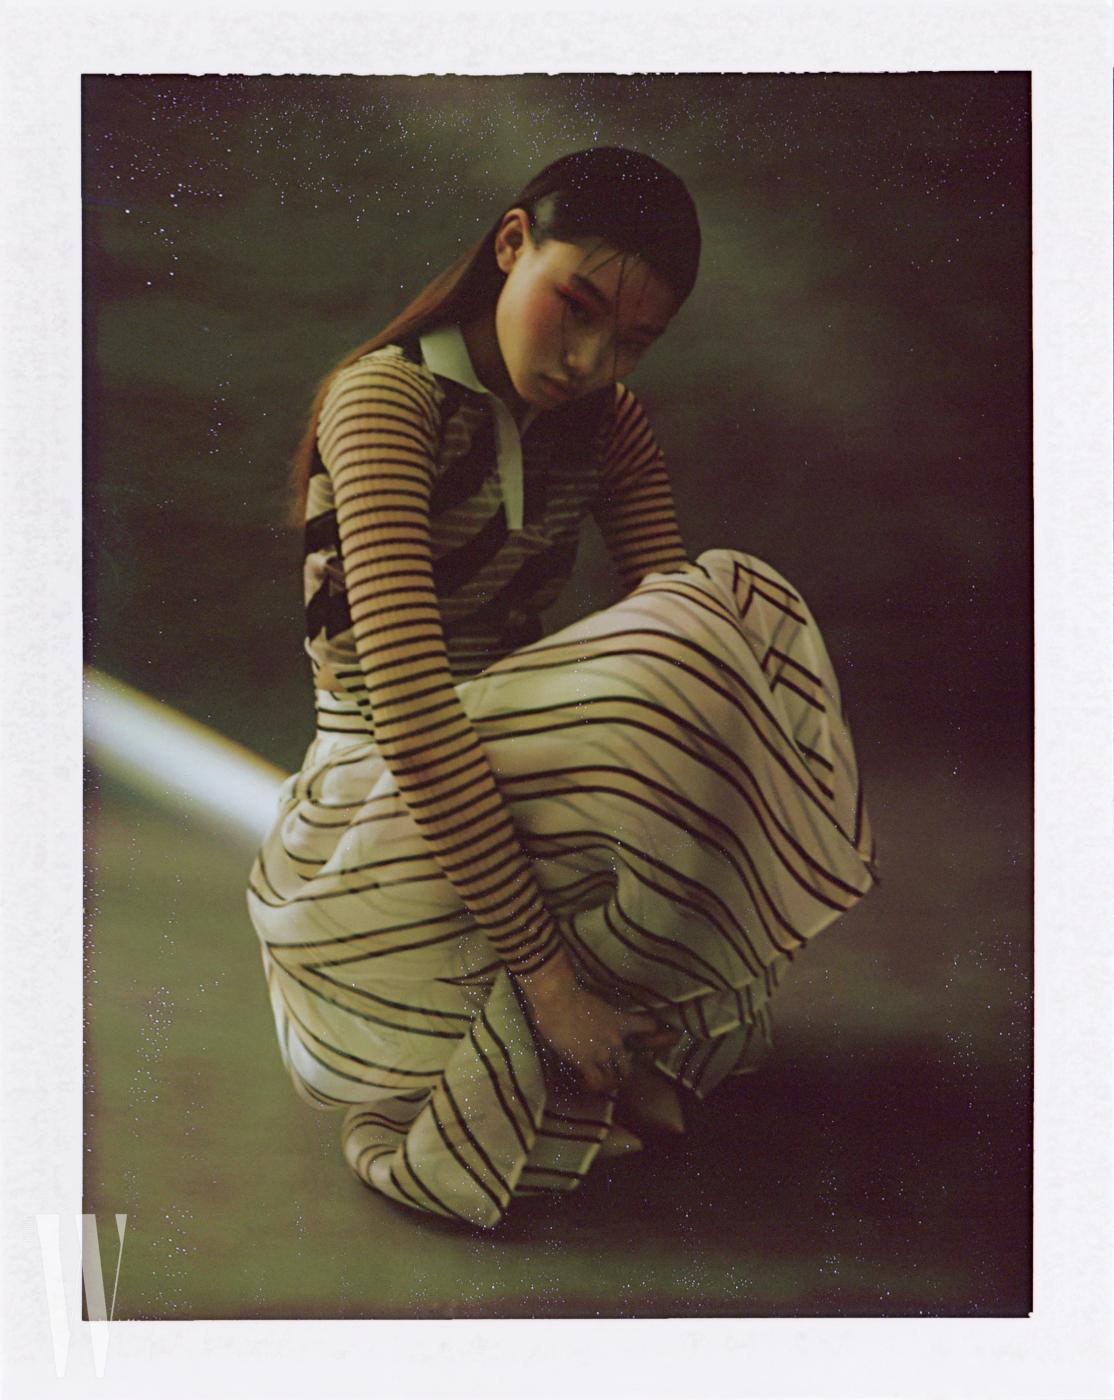 줄무늬 시스루 톱, 스커트, 부츠는 모두 Fendi 제품.